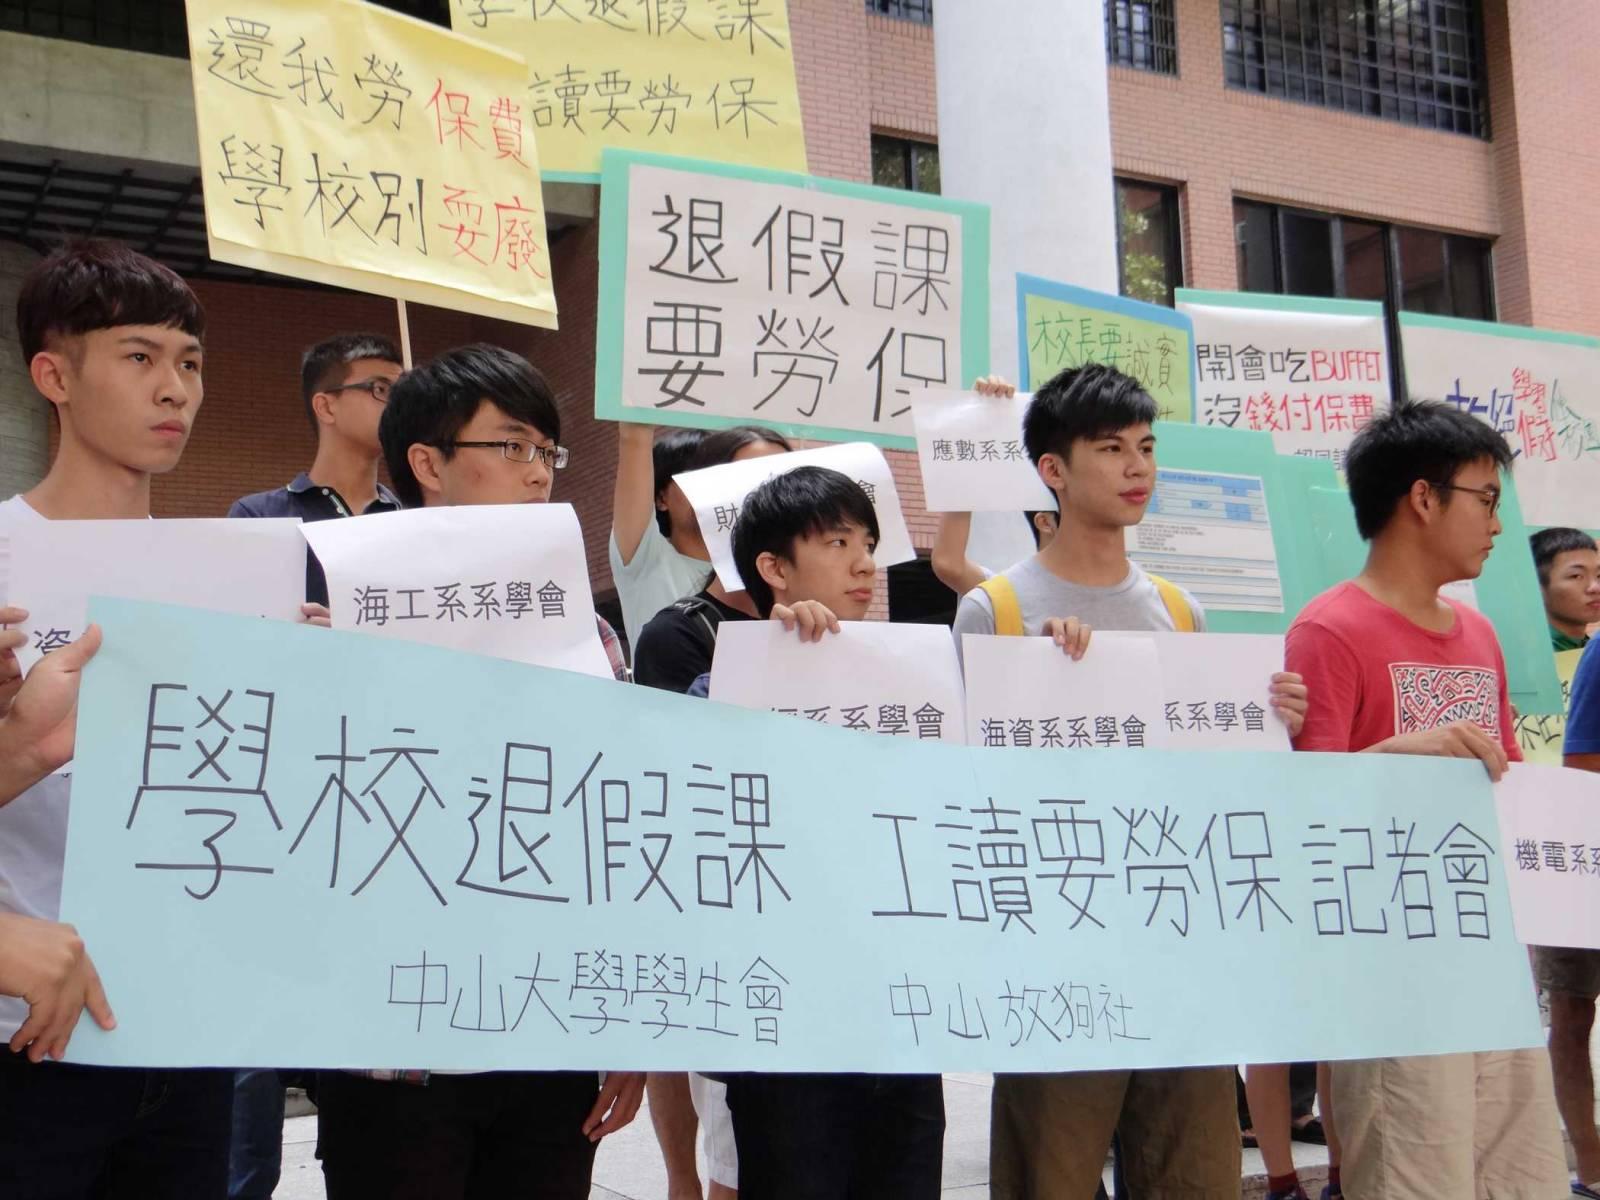 中山大學學生抗議工讀實習沒勞保